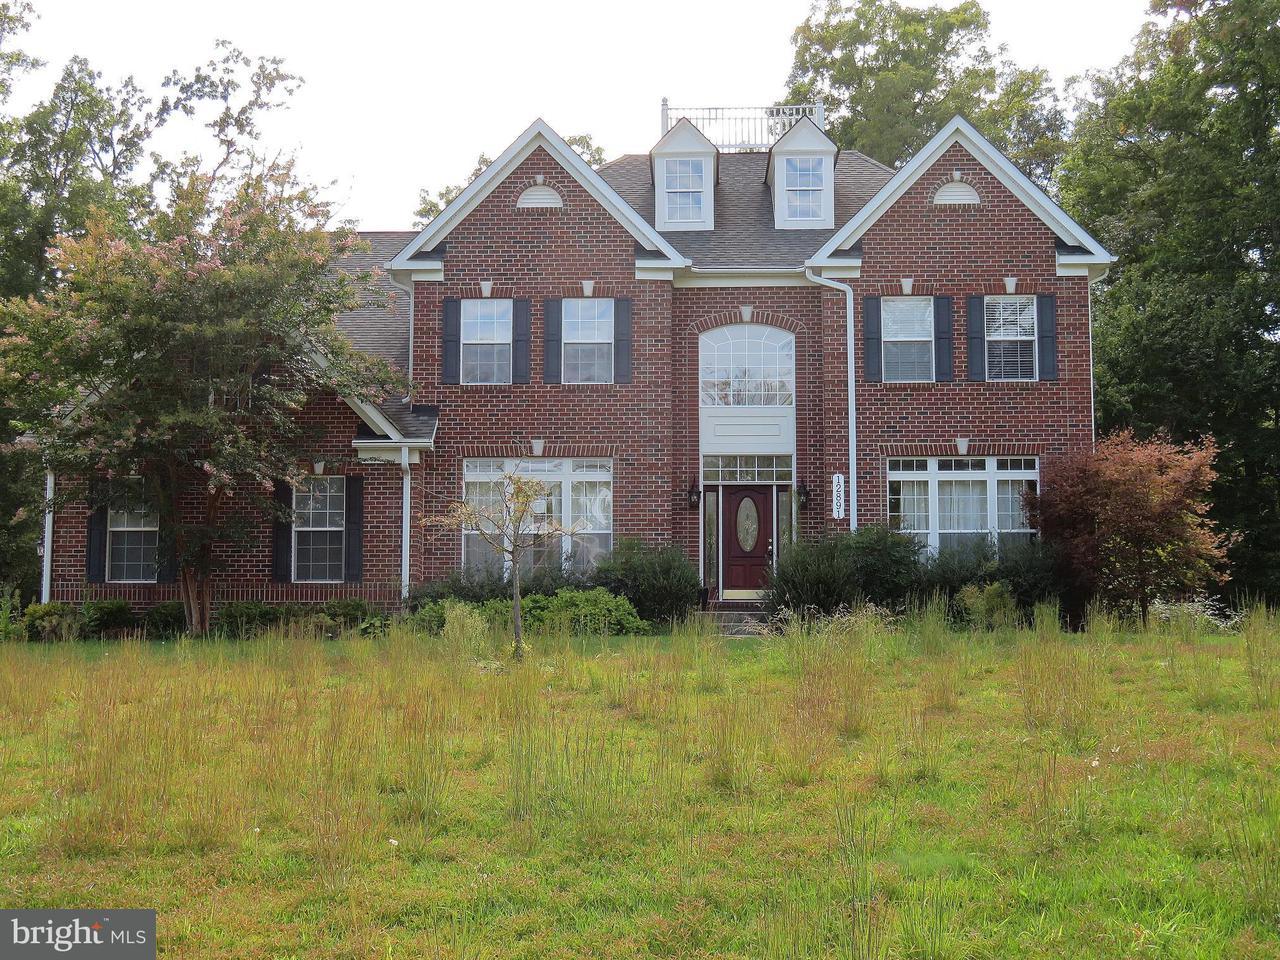 Частный односемейный дом для того Продажа на 12891 Corinthian Court 12891 Corinthian Court Hughesville, Мэриленд 20637 Соединенные Штаты